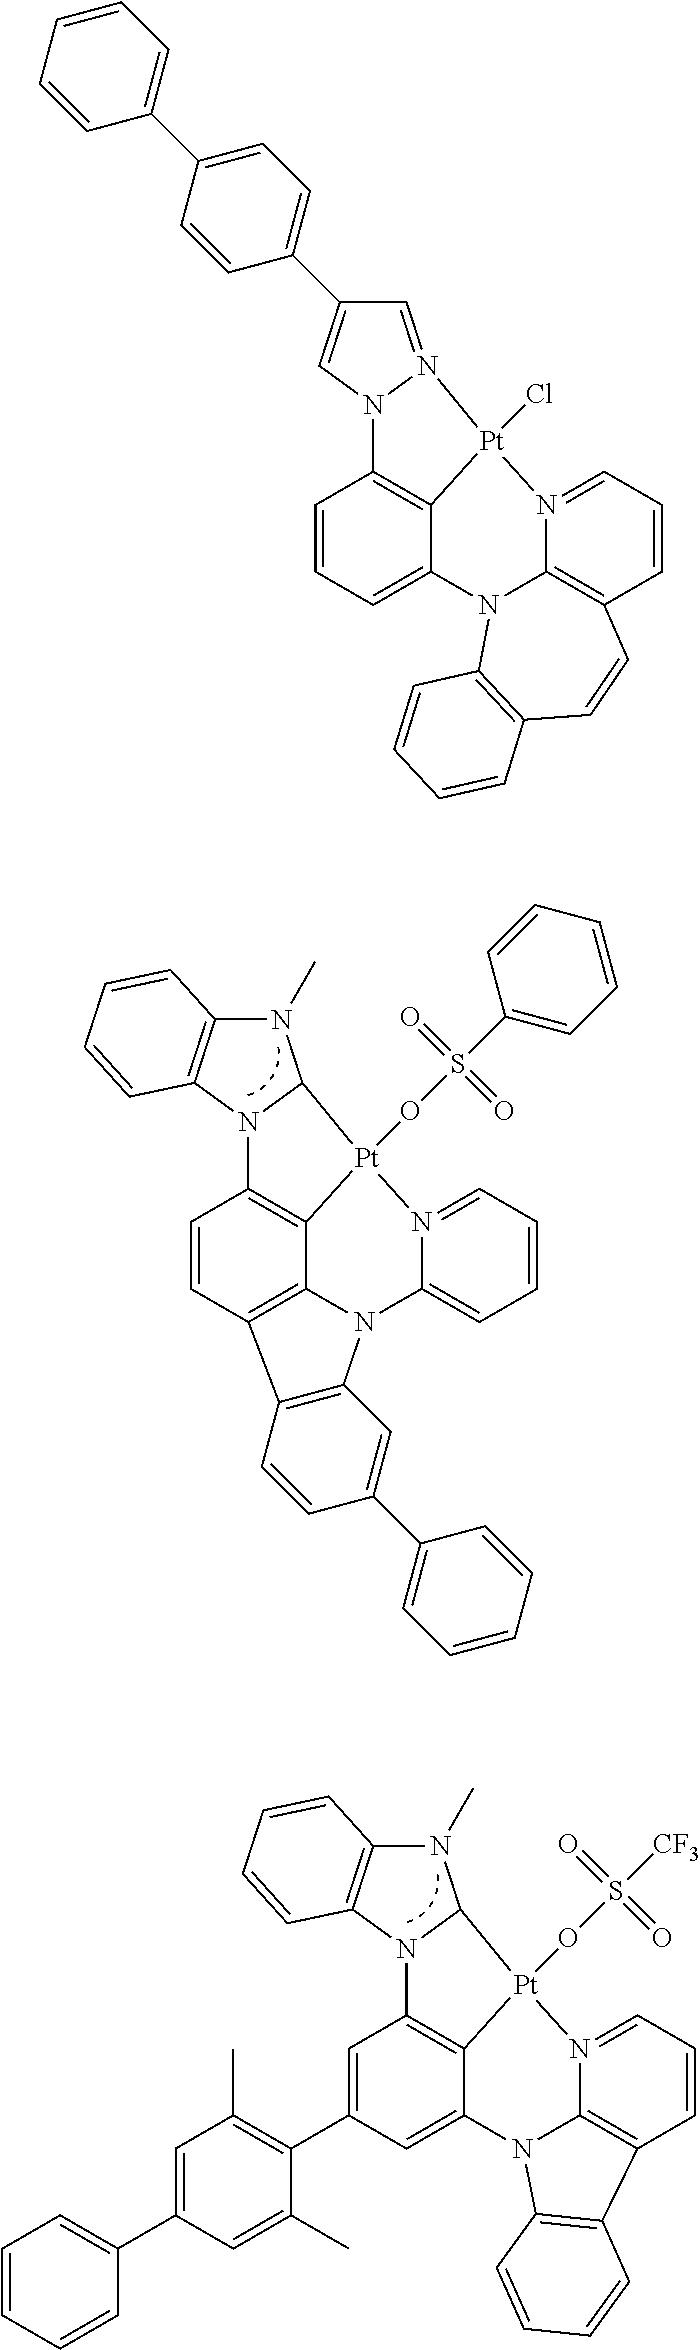 Figure US09818959-20171114-C00145